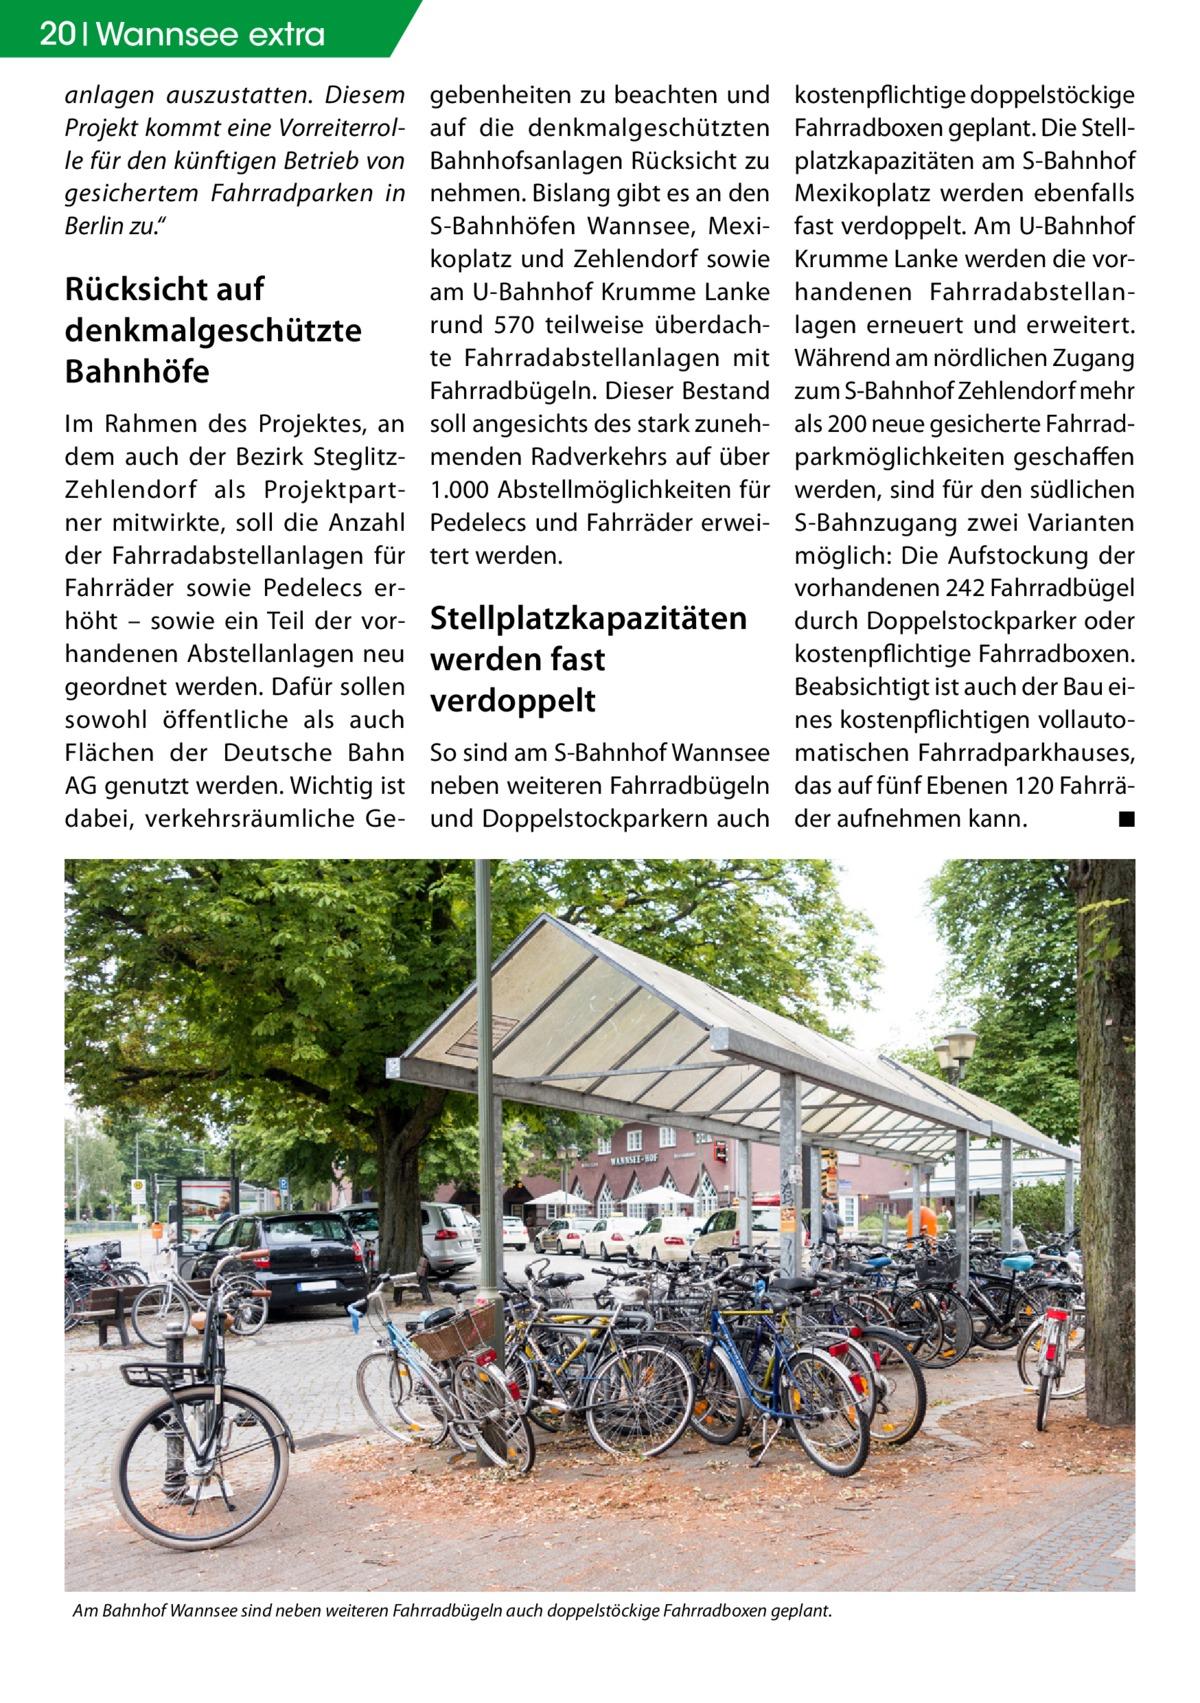 """20 Wannsee extra anlagen auszustatten. Diesem Projekt kommt eine Vorreiterrolle für den künftigen Betrieb von gesichertem Fahrradparken in Berlin zu.""""  Rücksicht auf denkmalgeschützte Bahnhöfe Im Rahmen des Projektes, an dem auch der Bezirk SteglitzZehlendorf als Projektpartner mitwirkte, soll die Anzahl der Fahrradabstellanlagen für Fahrräder sowie Pedelecs erhöht – sowie ein Teil der vorhandenen Abstellanlagen neu geordnet werden. Dafür sollen sowohl öffentliche als auch Flächen der Deutsche Bahn AG genutzt werden. Wichtig ist dabei, verkehrsräumliche Ge gebenheiten zu beachten und auf die denkmalgeschützten Bahnhofsanlagen Rücksicht zu nehmen. Bislang gibt es an den S-Bahnhöfen Wannsee, Mexikoplatz und Zehlendorf sowie am U-Bahnhof Krumme Lanke rund 570 teilweise überdachte Fahrradabstellanlagen mit Fahrradbügeln. Dieser Bestand soll angesichts des stark zunehmenden Radverkehrs auf über 1.000 Abstellmöglichkeiten für Pedelecs und Fahrräder erweitert werden.  kostenpflichtige doppelstöckige Fahrradboxen geplant. Die Stellplatzkapazitäten am S-Bahnhof Mexikoplatz werden ebenfalls fast verdoppelt. Am U-Bahnhof Krumme Lanke werden die vorhandenen Fahrradabstellanlagen erneuert und erweitert. Während am nördlichen Zugang zum S-Bahnhof Zehlendorf mehr als 200 neue gesicherte Fahrradparkmöglichkeiten geschaffen werden, sind für den südlichen S-Bahnzugang zwei Varianten möglich: Die Aufstockung der vorhandenen 242 Fahrradbügel Stellplatzkapazitäten durch Doppelstockparker oder kostenpflichtige Fahrradboxen. werden fast Beabsichtigt ist auch der Bau eiverdoppelt nes kostenpflichtigen vollautoSo sind am S-Bahnhof Wannsee matischen Fahrradparkhauses, neben weiteren Fahrradbügeln das auf fünf Ebenen 120Fahrräund Doppelstockparkern auch der aufnehmen kann. � ◾  Am Bahnhof Wannsee sind neben weiteren Fahrradbügeln auch doppelstöckige Fahrradboxen geplant."""